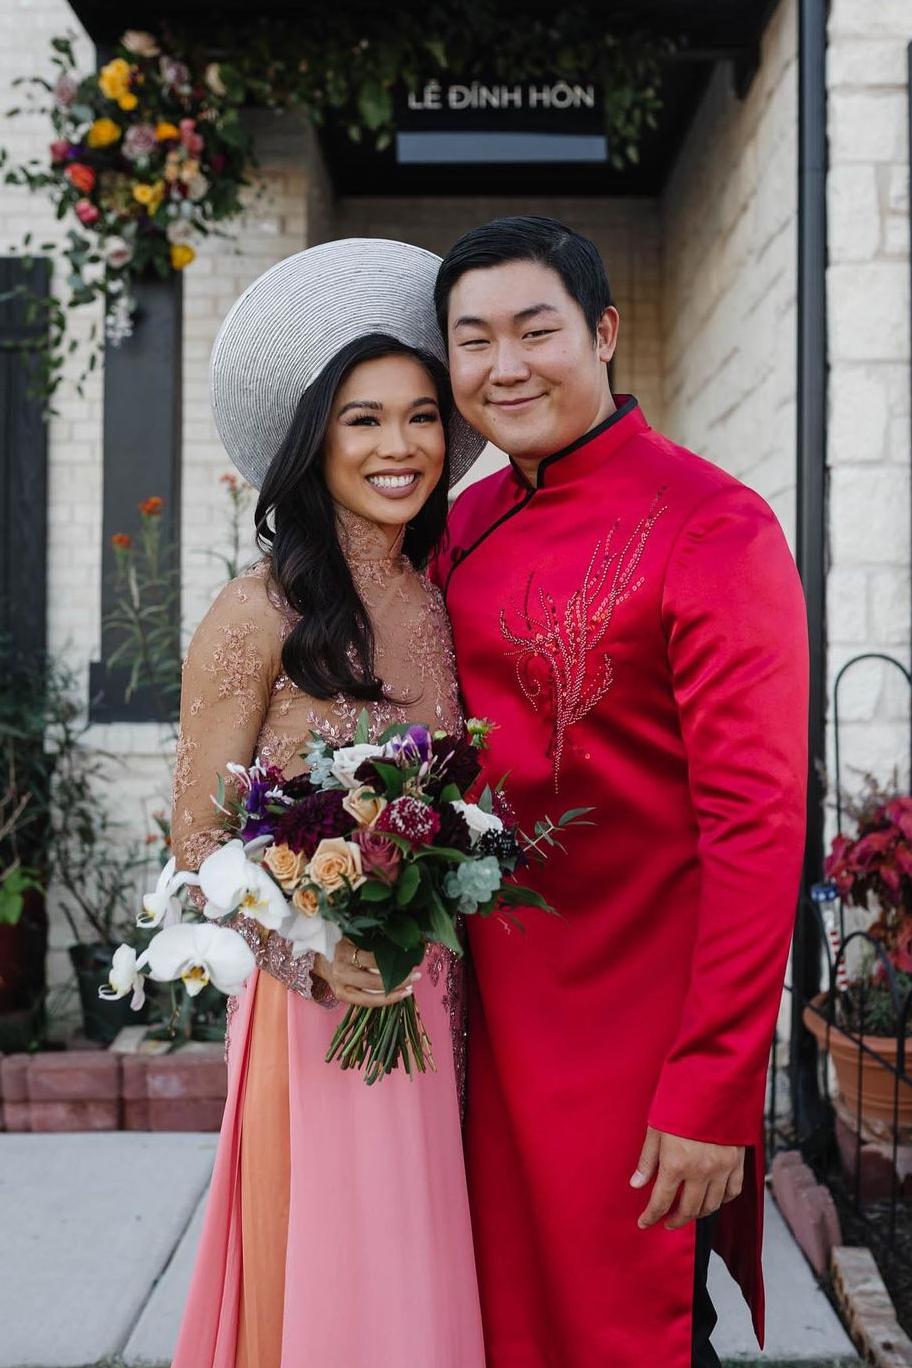 Hoàng Kim Cung hạnh phúc bên ông xã. Là công dân Mỹ, cô luôn trân trọng những giá trị truyền thống của quê hương. Vì thế, người đẹp muốn tổ chức một lễ đính hôn ấm cúng dù gặp nhiều khó khăn, áp lực.